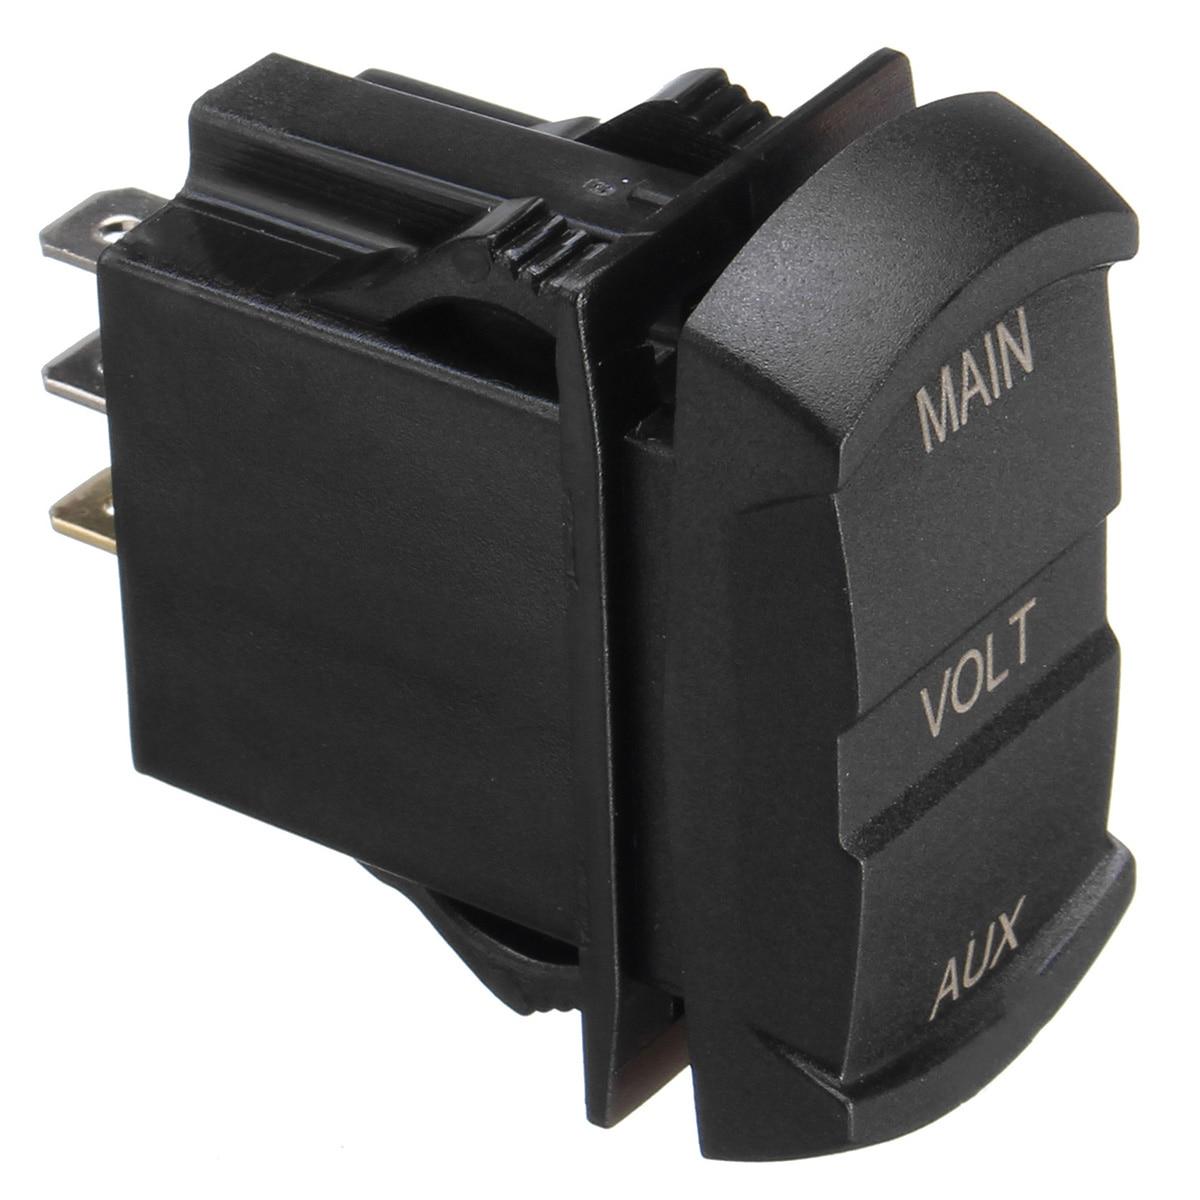 10 60v Led Dual Voltmeter Voltage Gauge Digital Panel Dashboard Schematic Diagram Of Rocker Switch Universal For 12v 24v Car Boat Marine Atv In Instruments From